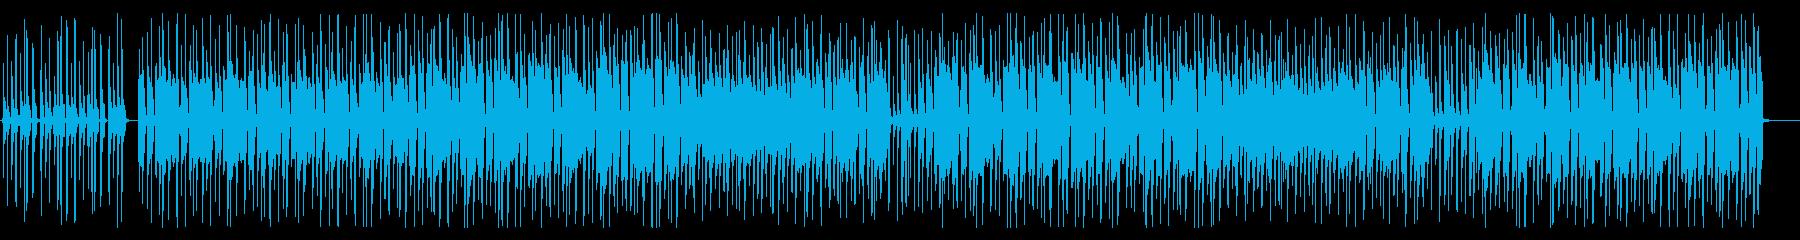 【ドラム抜】アップテンポでワクワク/企業の再生済みの波形